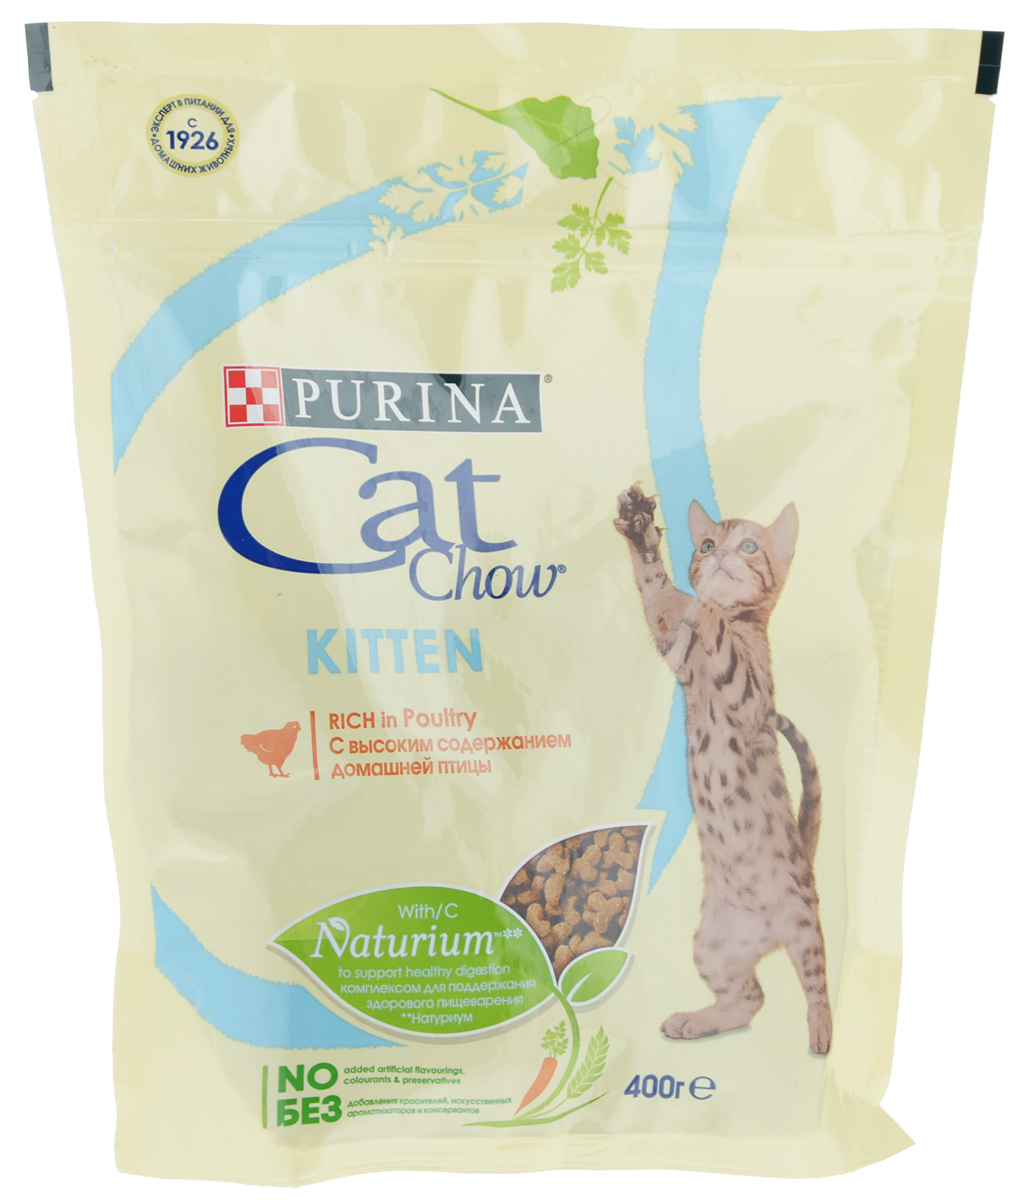 Корм сухой для котят Cat Chow Kitten, с домашней птицей, 400 г12267386Сухой корм Cat Chow Kitten - полнорационныйсбалансированный корм для котят.Рецептура с высоким содержанием домашней птицы имеетспециально отобранные по качеству источники протеина,чтобы удовлетворить естественные потребности кошек.Корм Cat Chow Kitten бережно приготовлен с натуральнымиингредиентами (петрушка, шпинат, морковь, цельные зерназлаков, цикорий и дрожжи) для придания особого аромата,который кошки выбирают инстинктивно.Комплекс Naturium в кормах Cat Chow - это особое сочетание волокон природного происхождения. Он включает источник натурального пребиотика, который, как было доказано, улучшает баланс микрофлоры кишечника и поддерживает здоровье пищеварительной системы кошки. Это позволяет ей питаться с большей пользой. Включает омега-3 жирную кислоту, которая естественно содержится в материнском молоке и помогает поддерживать развитие мозга и зрения вашего котенка.Корм без добавления красителей, искусственных ароматизаторов и консервантов.Товар сертифицирован.